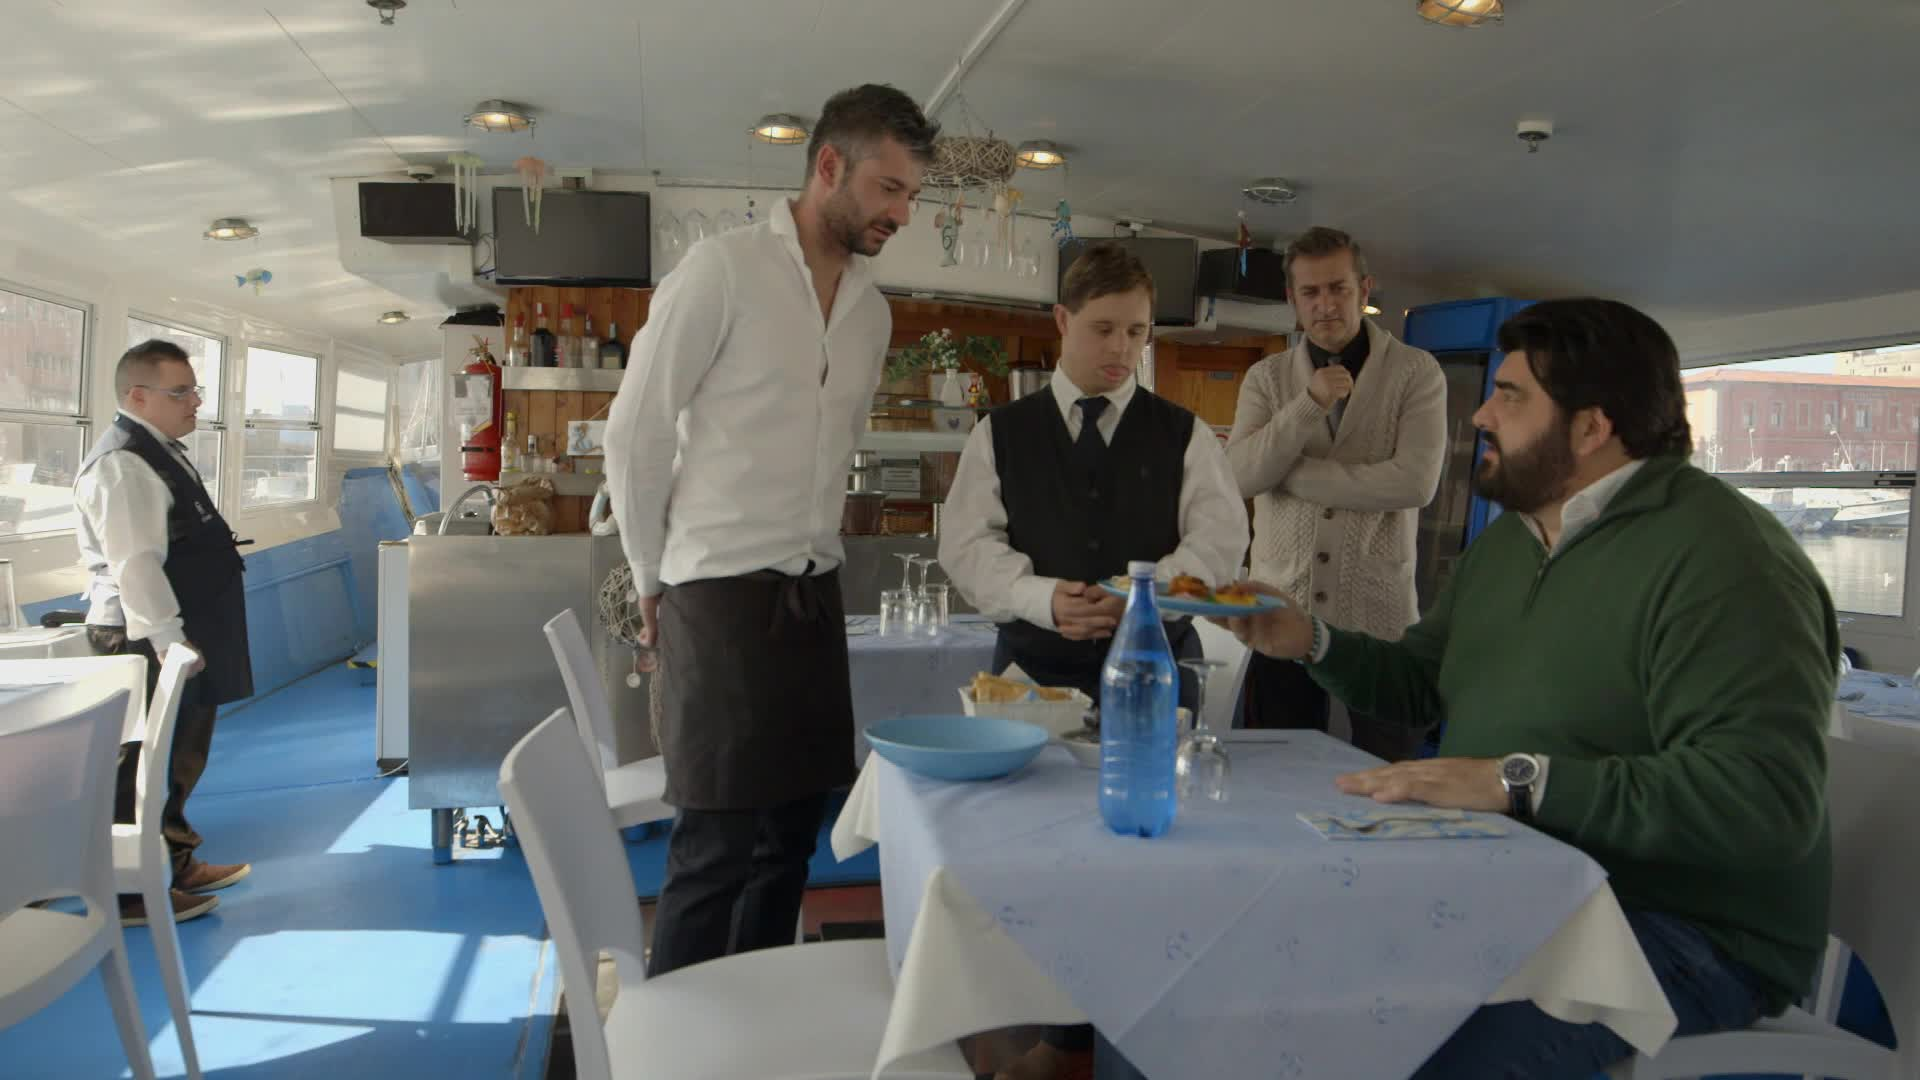 Cucine da incubo Italia Antonino Cannavacciuolo a Livorno